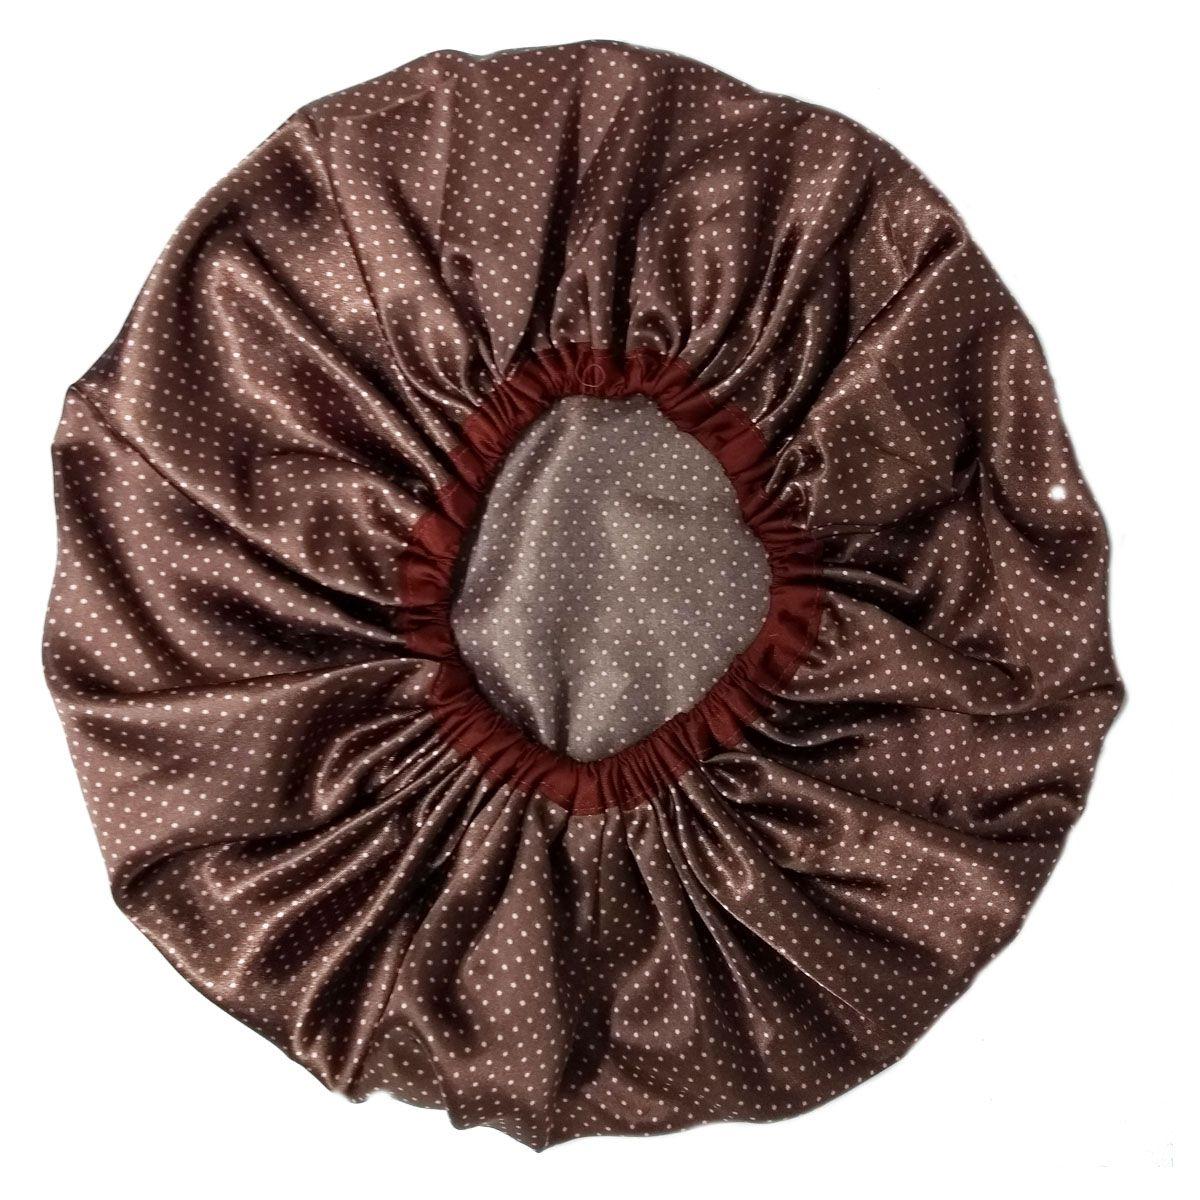 Touca de Cetim Marrom com bolinhas Rosa - Viés